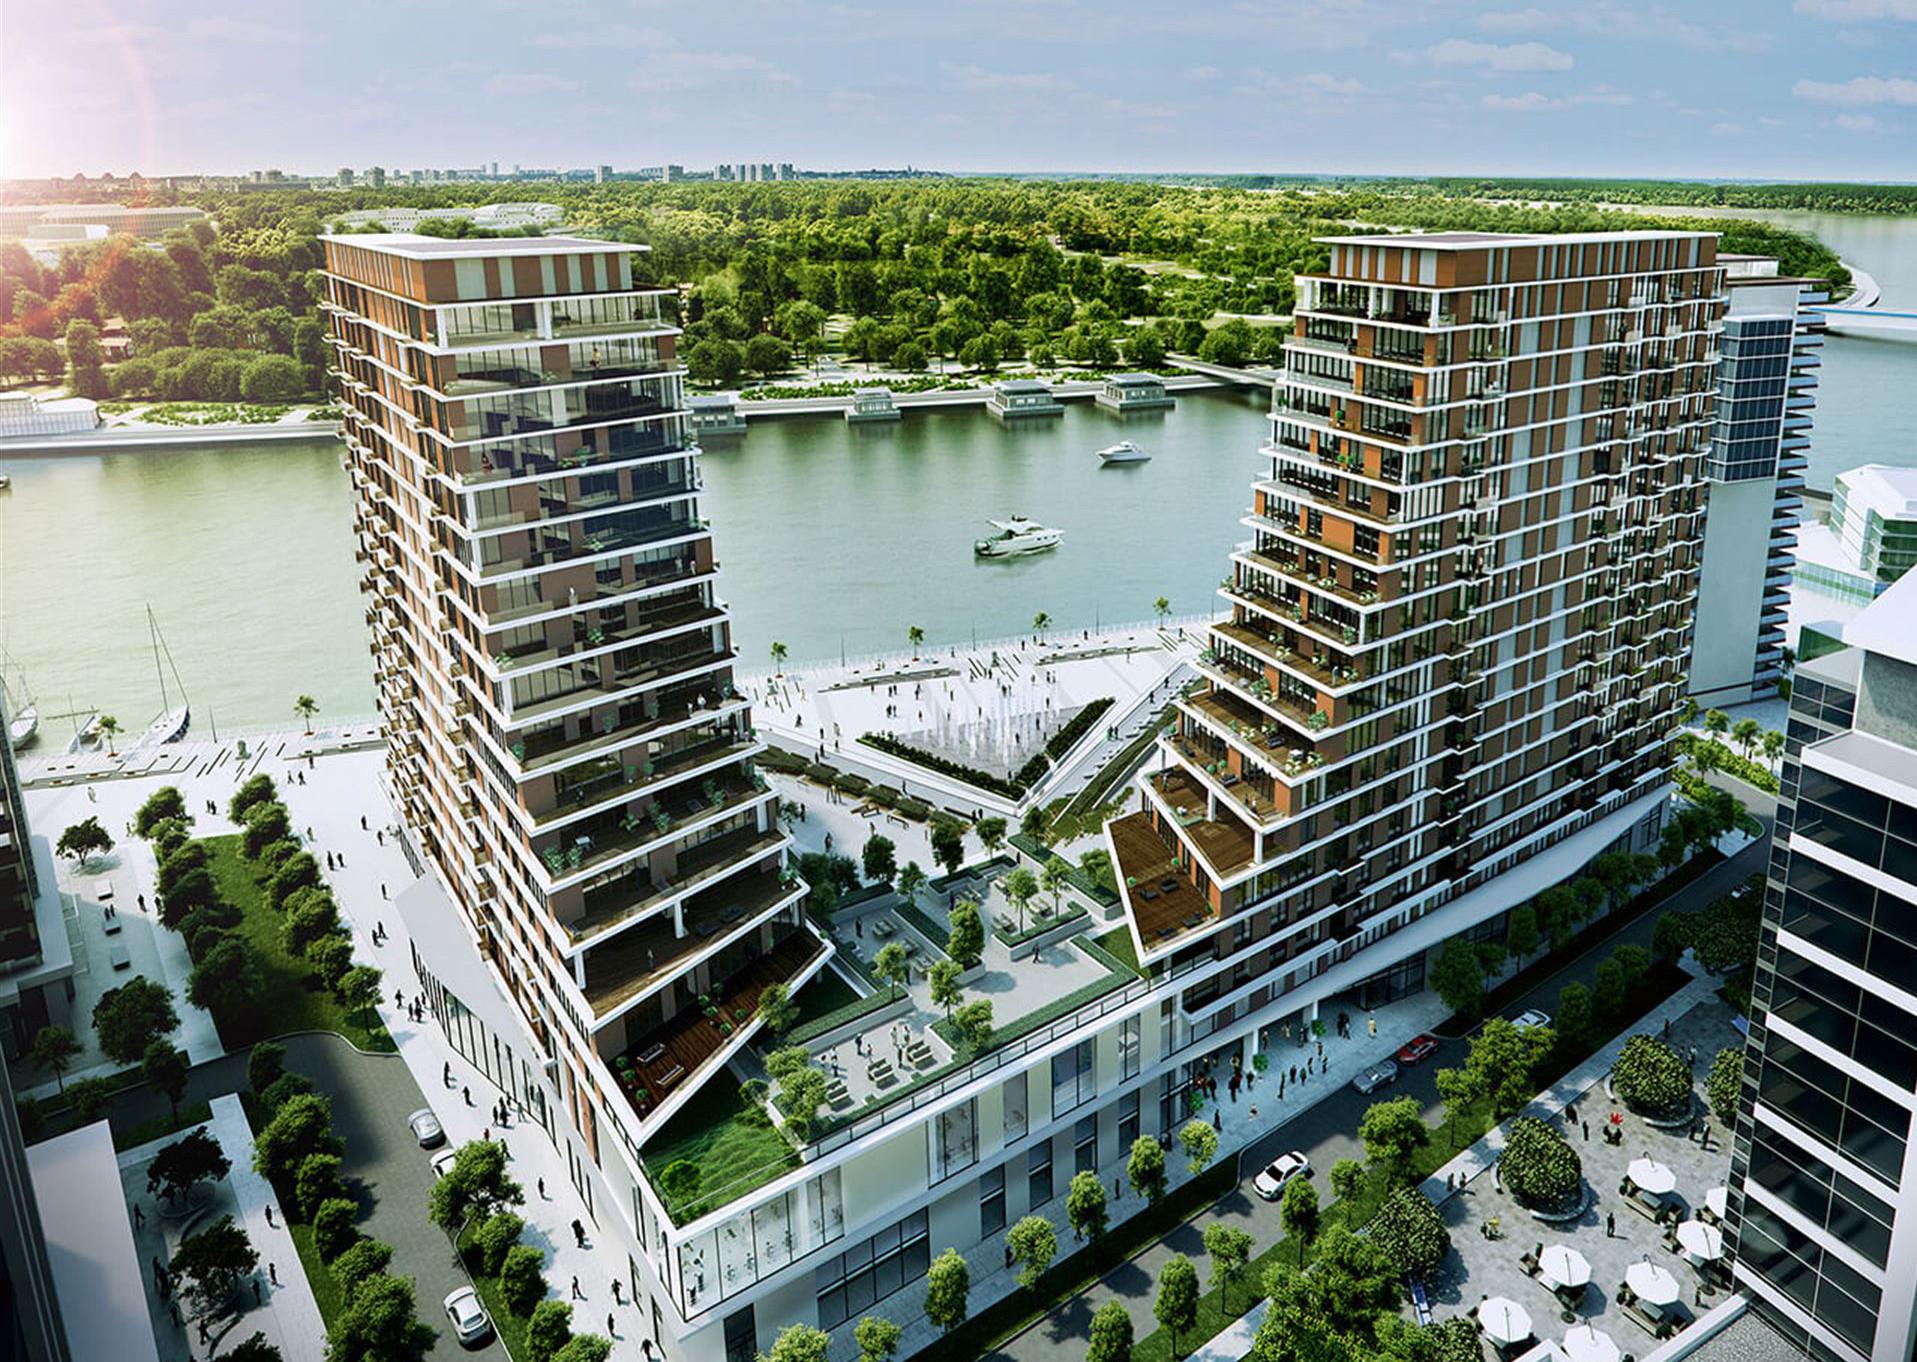 Comprare un appartamento a belgrade waterfront pessima for Comprare appartamento